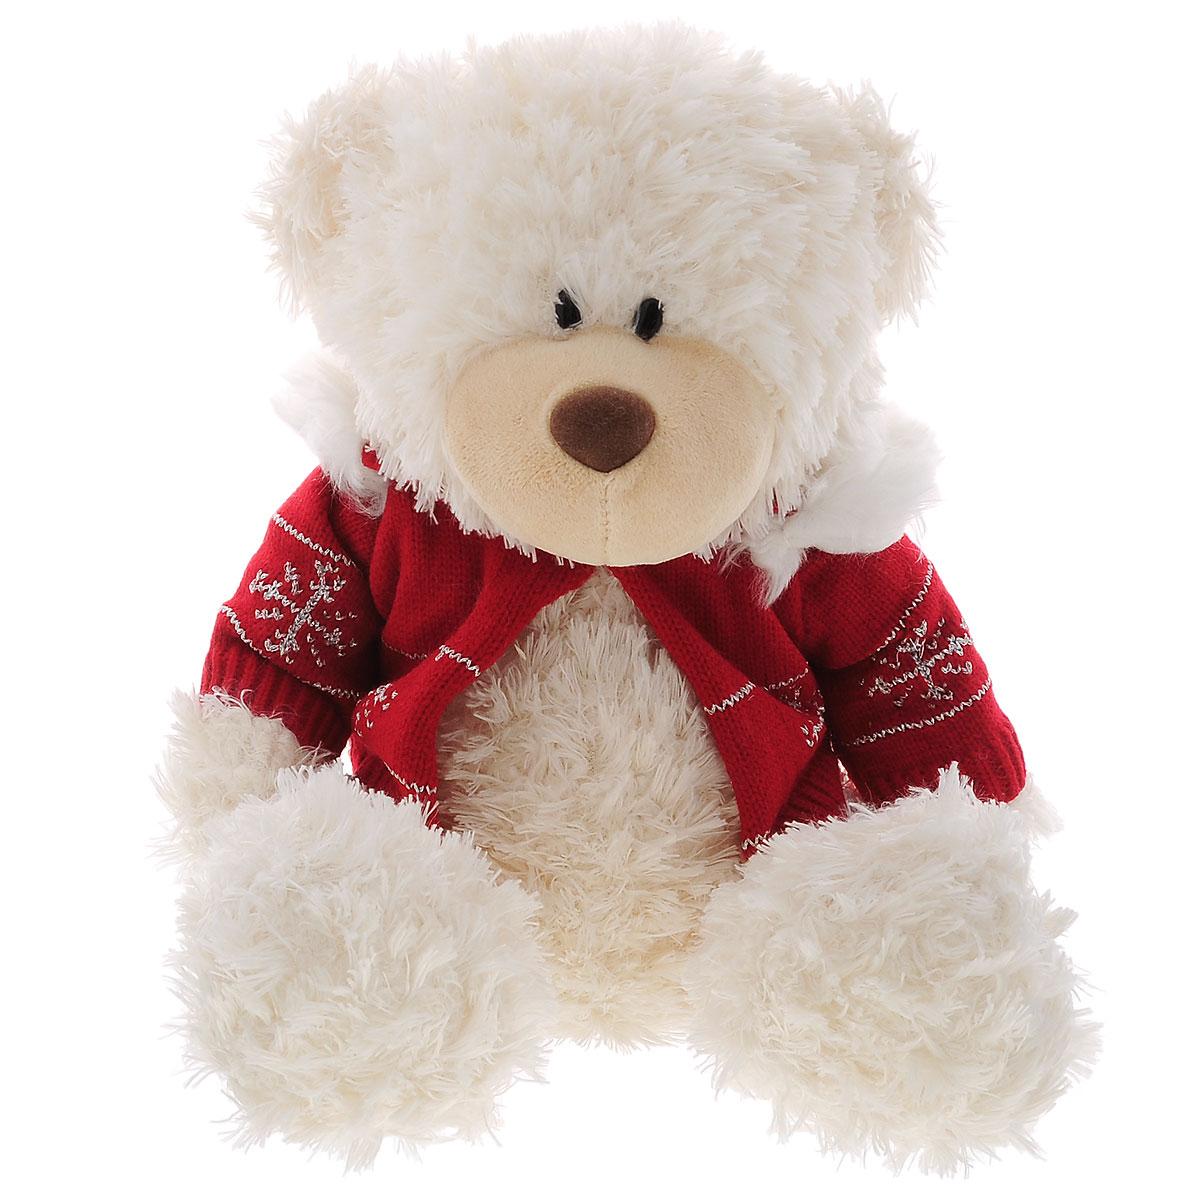 Мягкая игрушка Plush Apple Медведь в свитере, 30 смK76163FМягкая игрушка Plush Apple Медведь в свитере привлечет внимание любого ребенка. Игрушка изготовлена из высококачественных текстильных материалов. Специальные гранулы, используемые при ее набивке, способствуют развитию мелкой моторики рук малыша. Выполнена игрушка в виде милого медвежонка в свитере красного цвета. Небольшие размеры игрушки позволяют брать ее на прогулку и в гости, поэтому малышу больше не придется расставаться со своим новым другом.